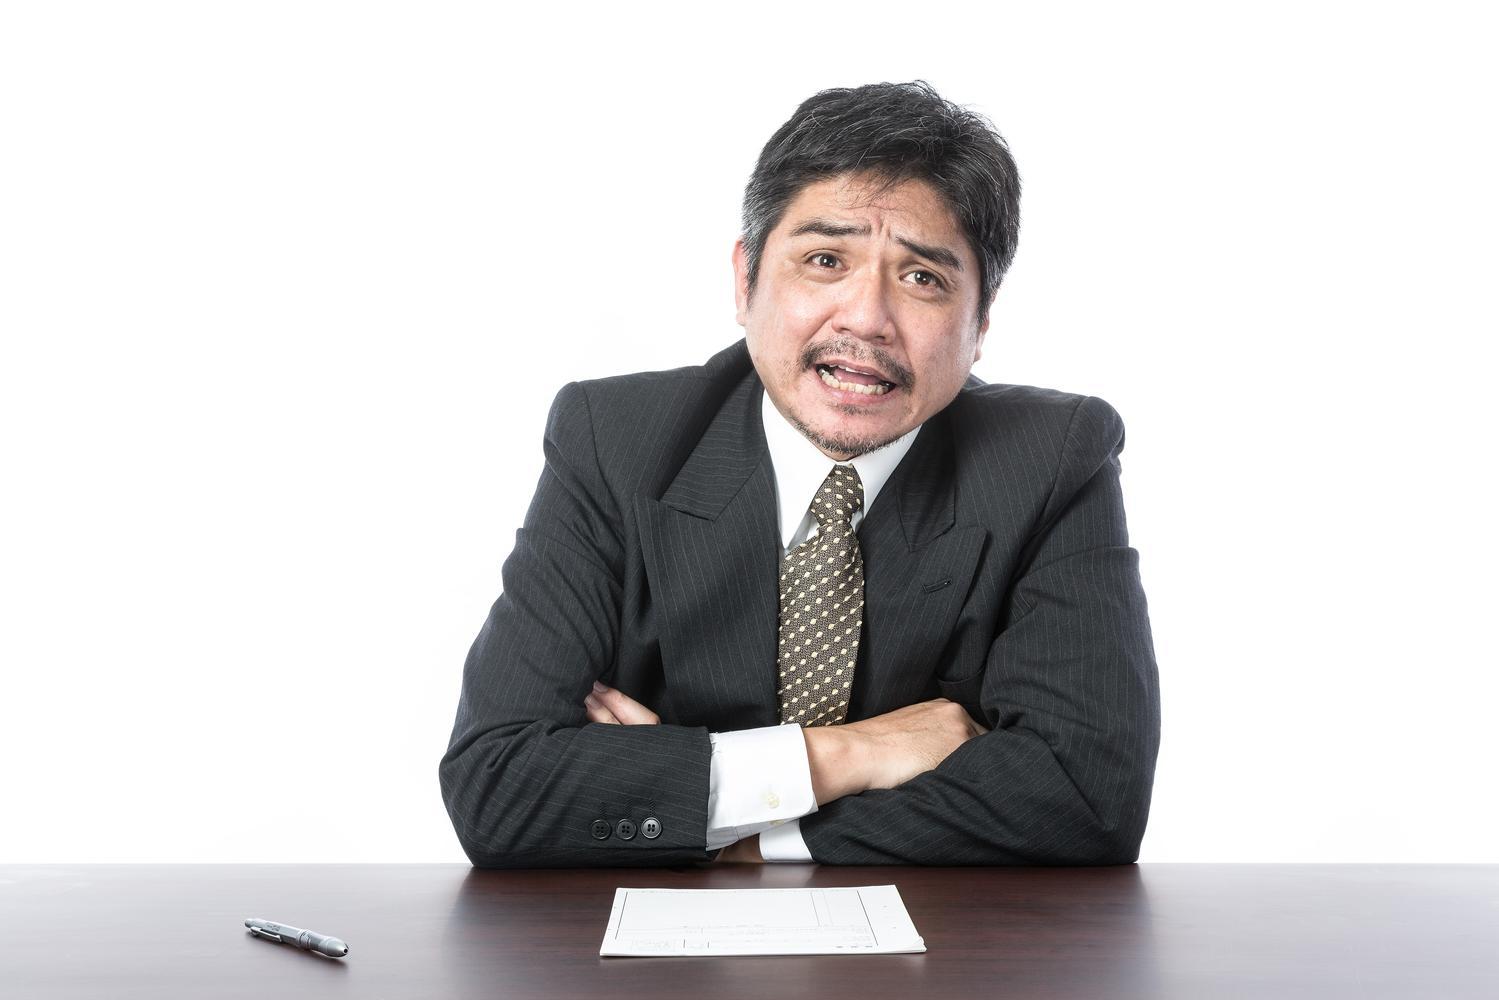 転職での面接、準備や対策は何が必要?